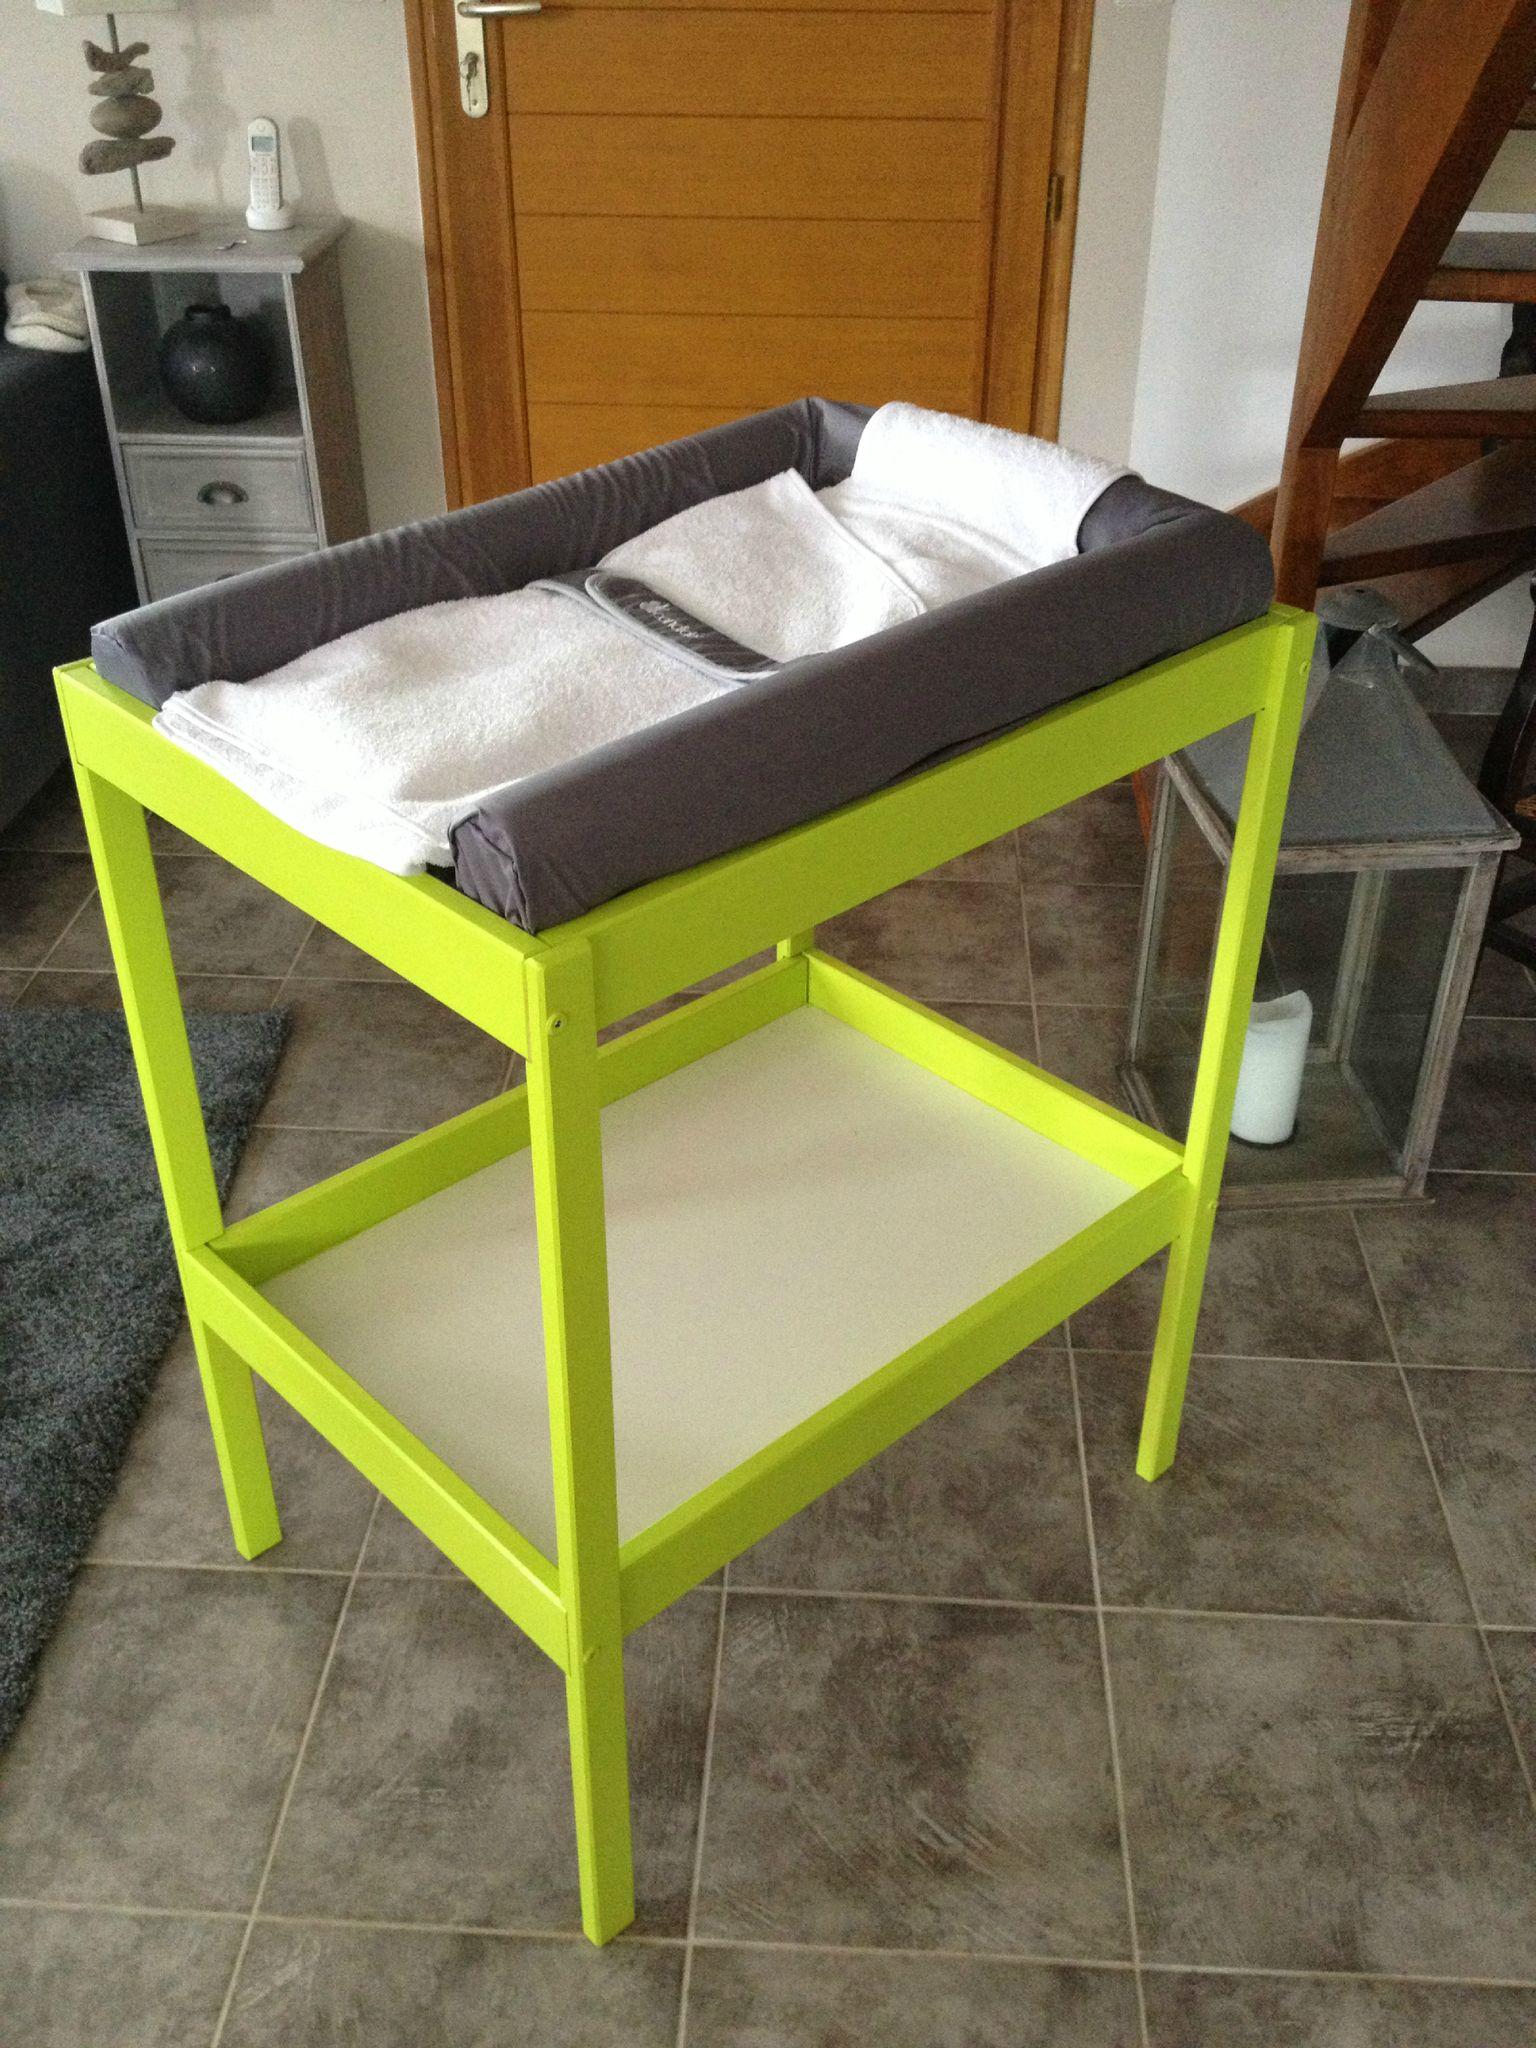 Ikea chambre bebe table a langer - Plateau table a langer ...